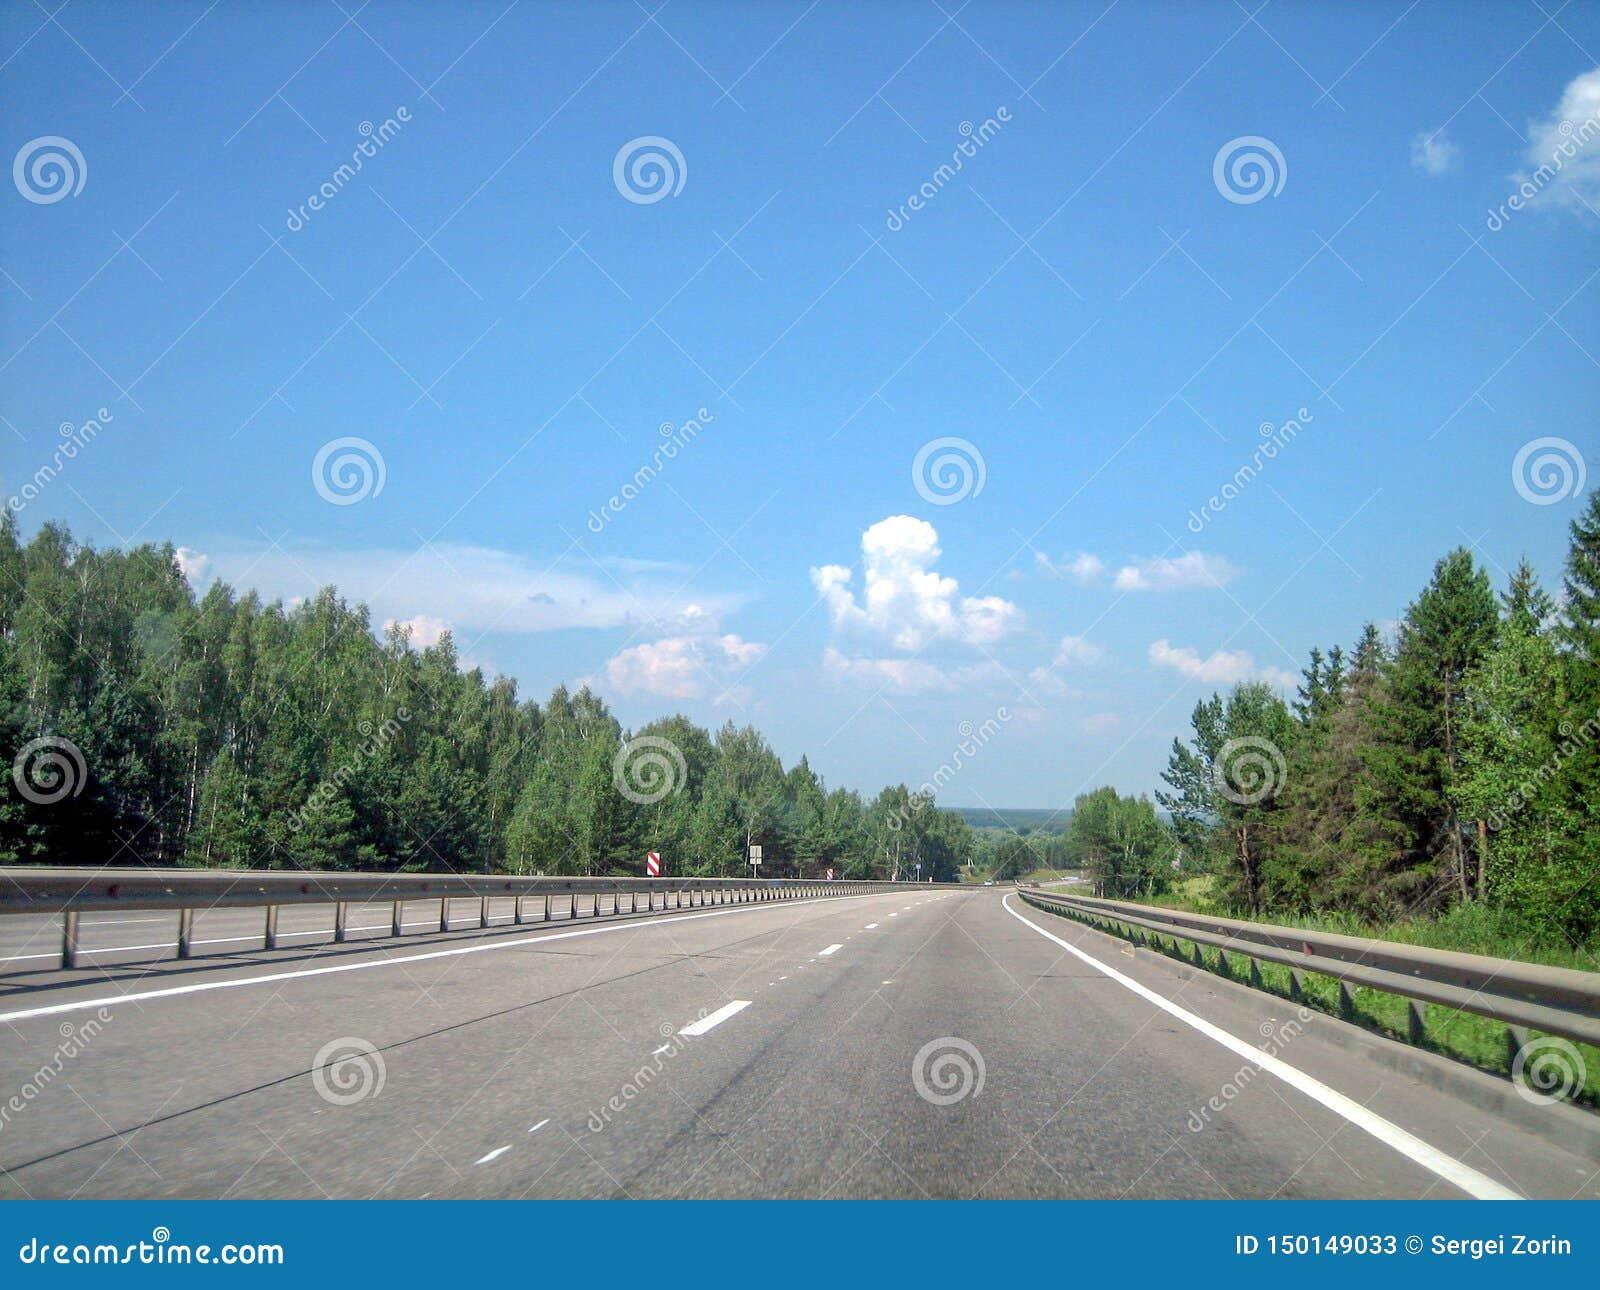 En slät plan huvudväg kör framåtriktat till och med skogen